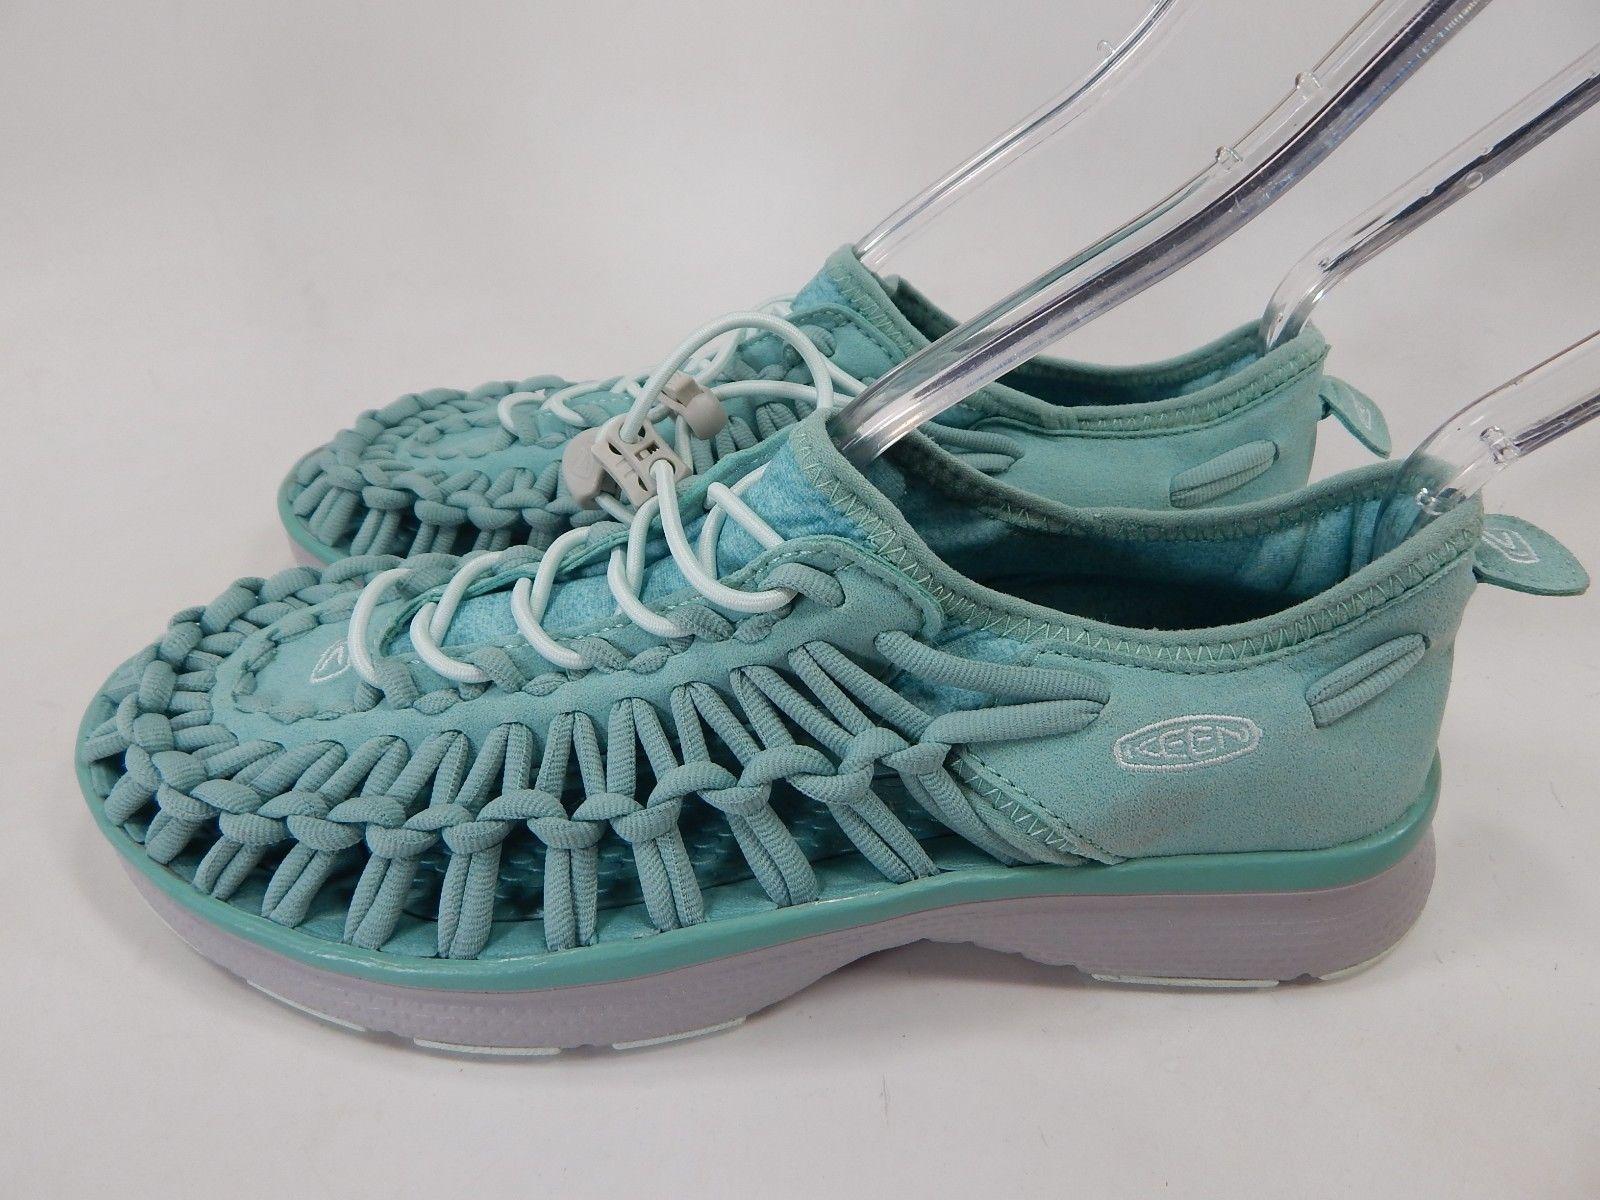 Keen Uneek o2 Size US 7 M (B) EU 37.5 Women's Sport Sandals Wasabi / Dusty Olive